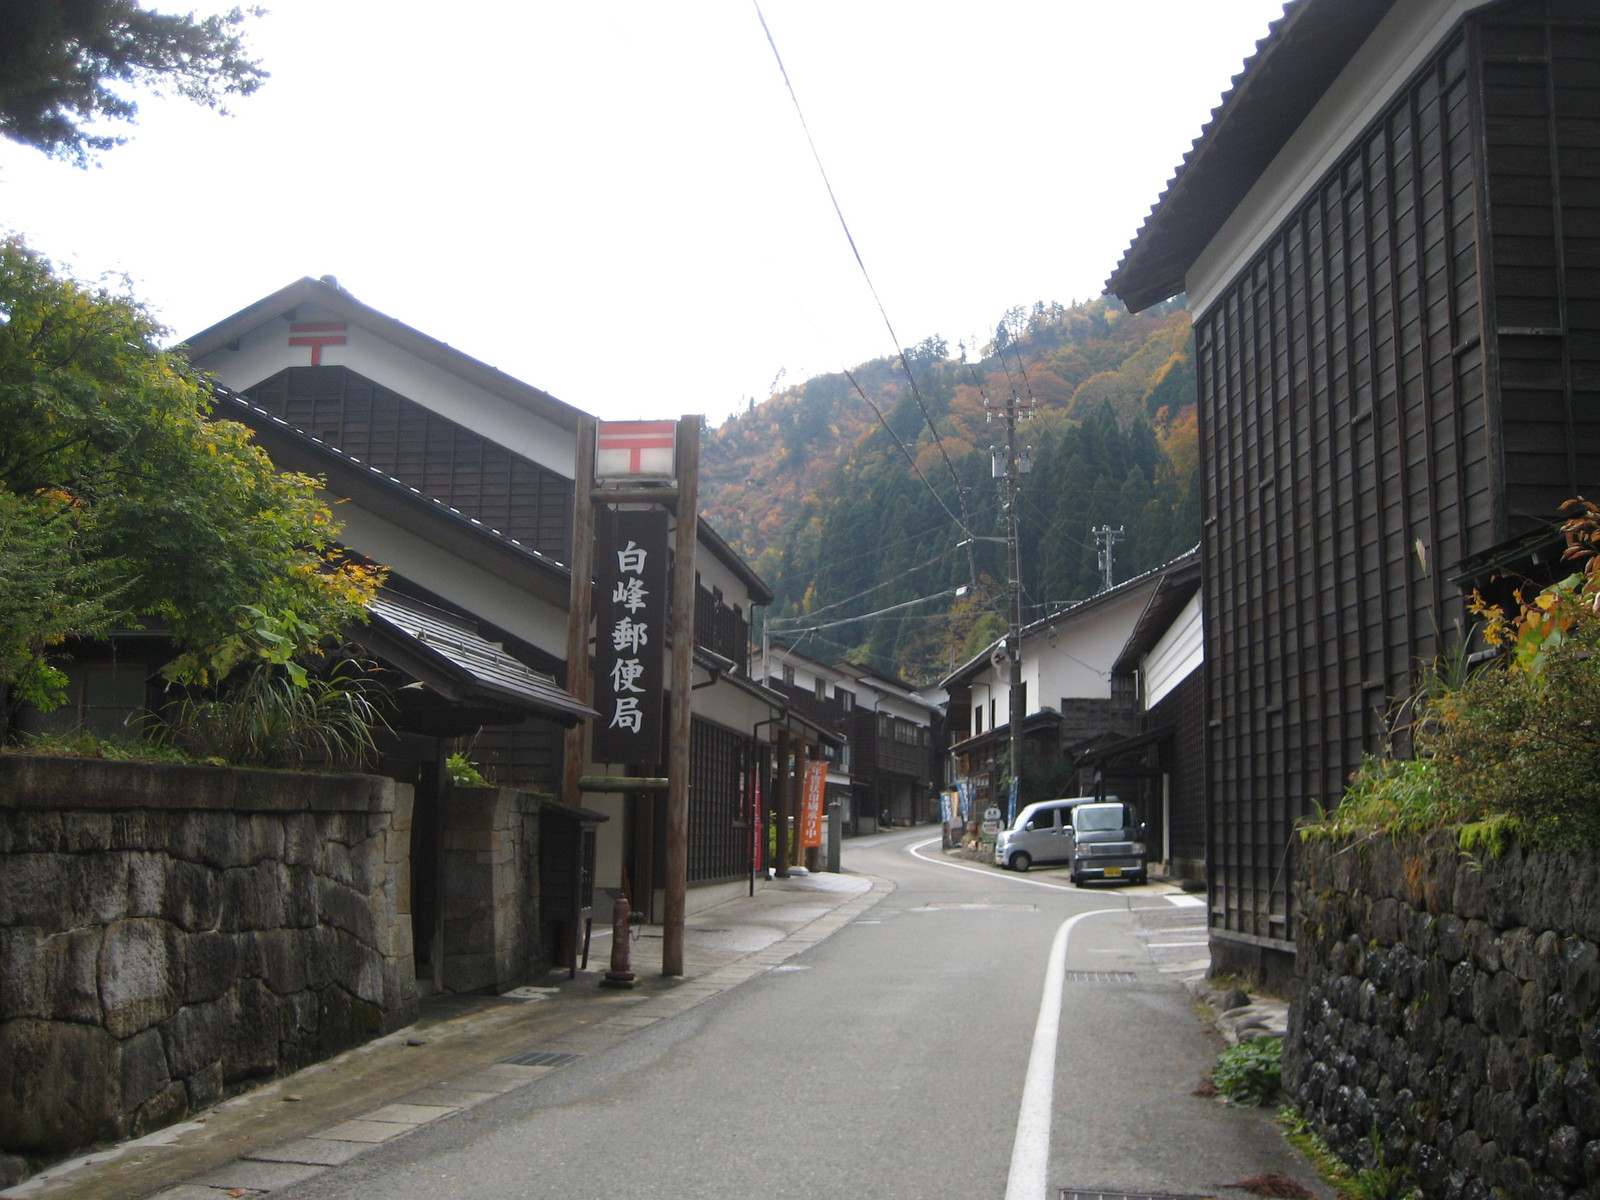 石川県白山市: 中島秀樹の活動日記